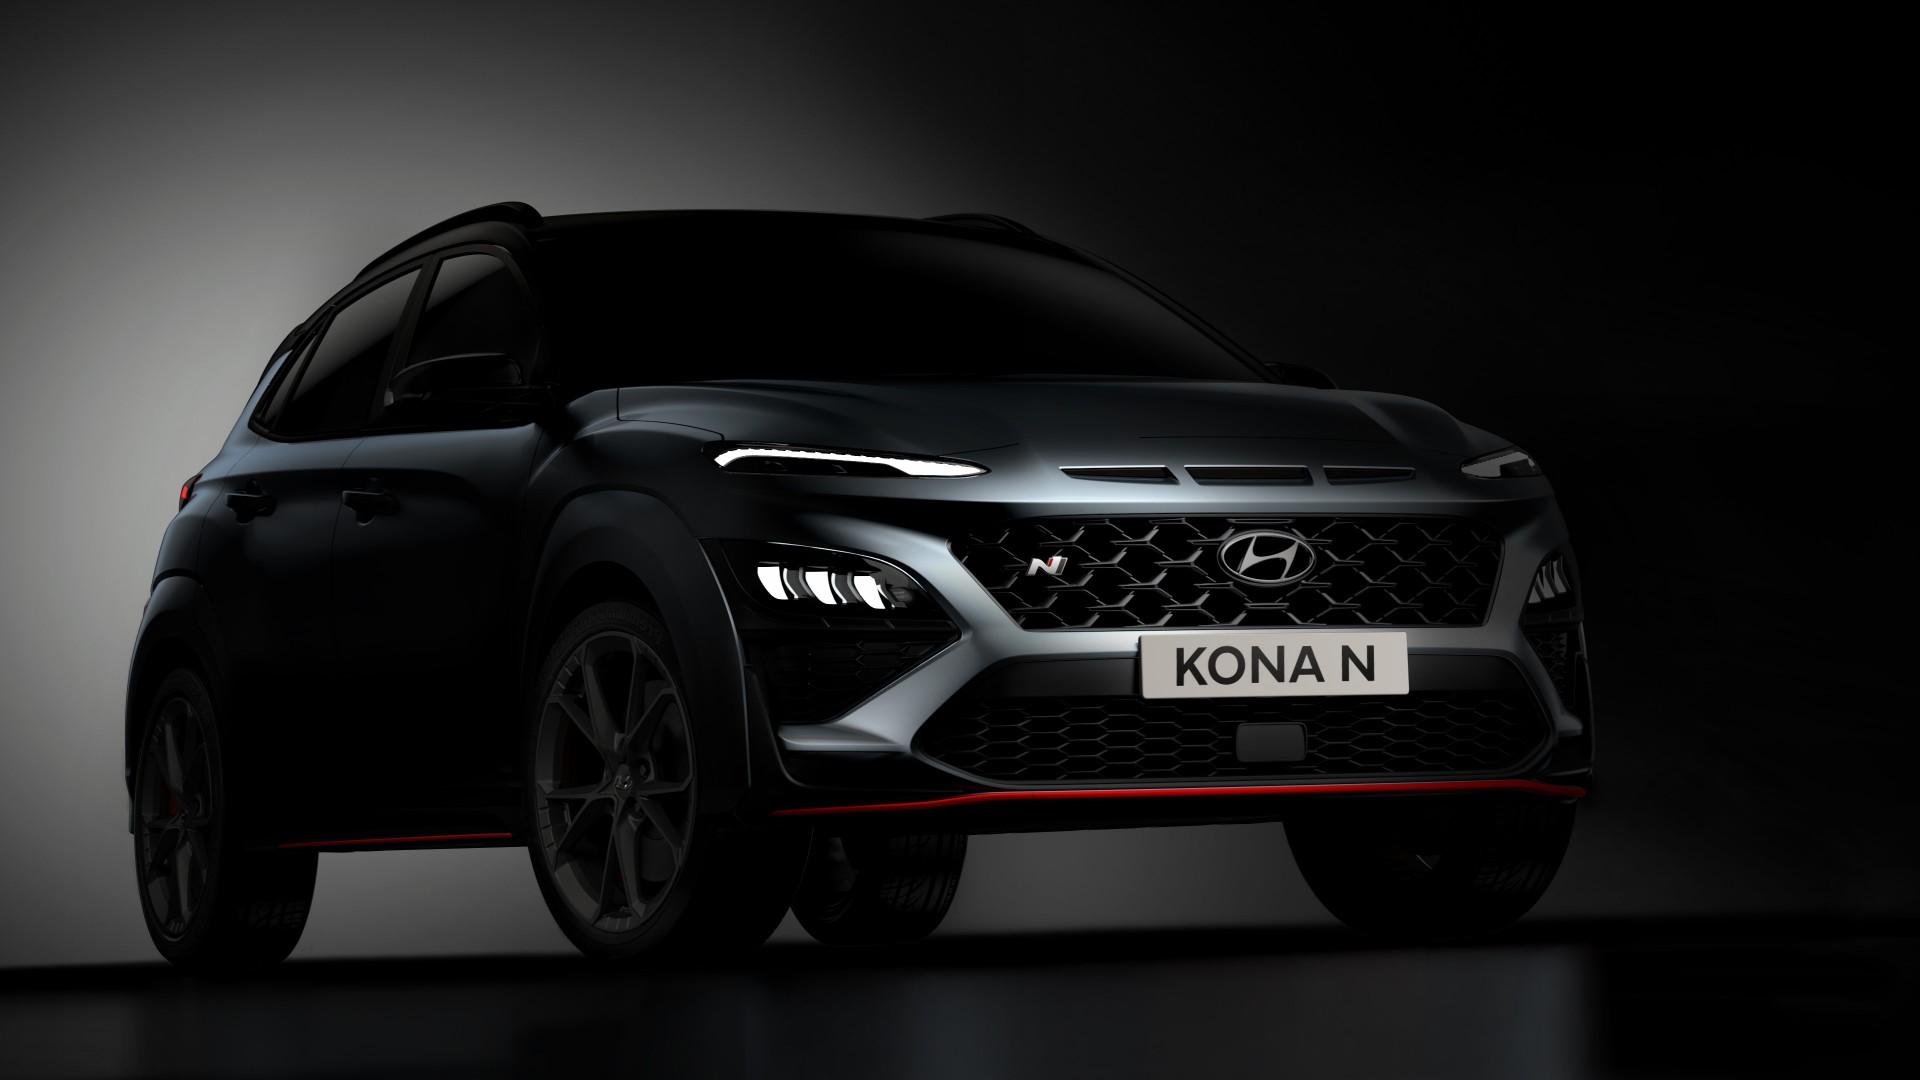 Estas son las primeras imágenes del Hyundai Kona N